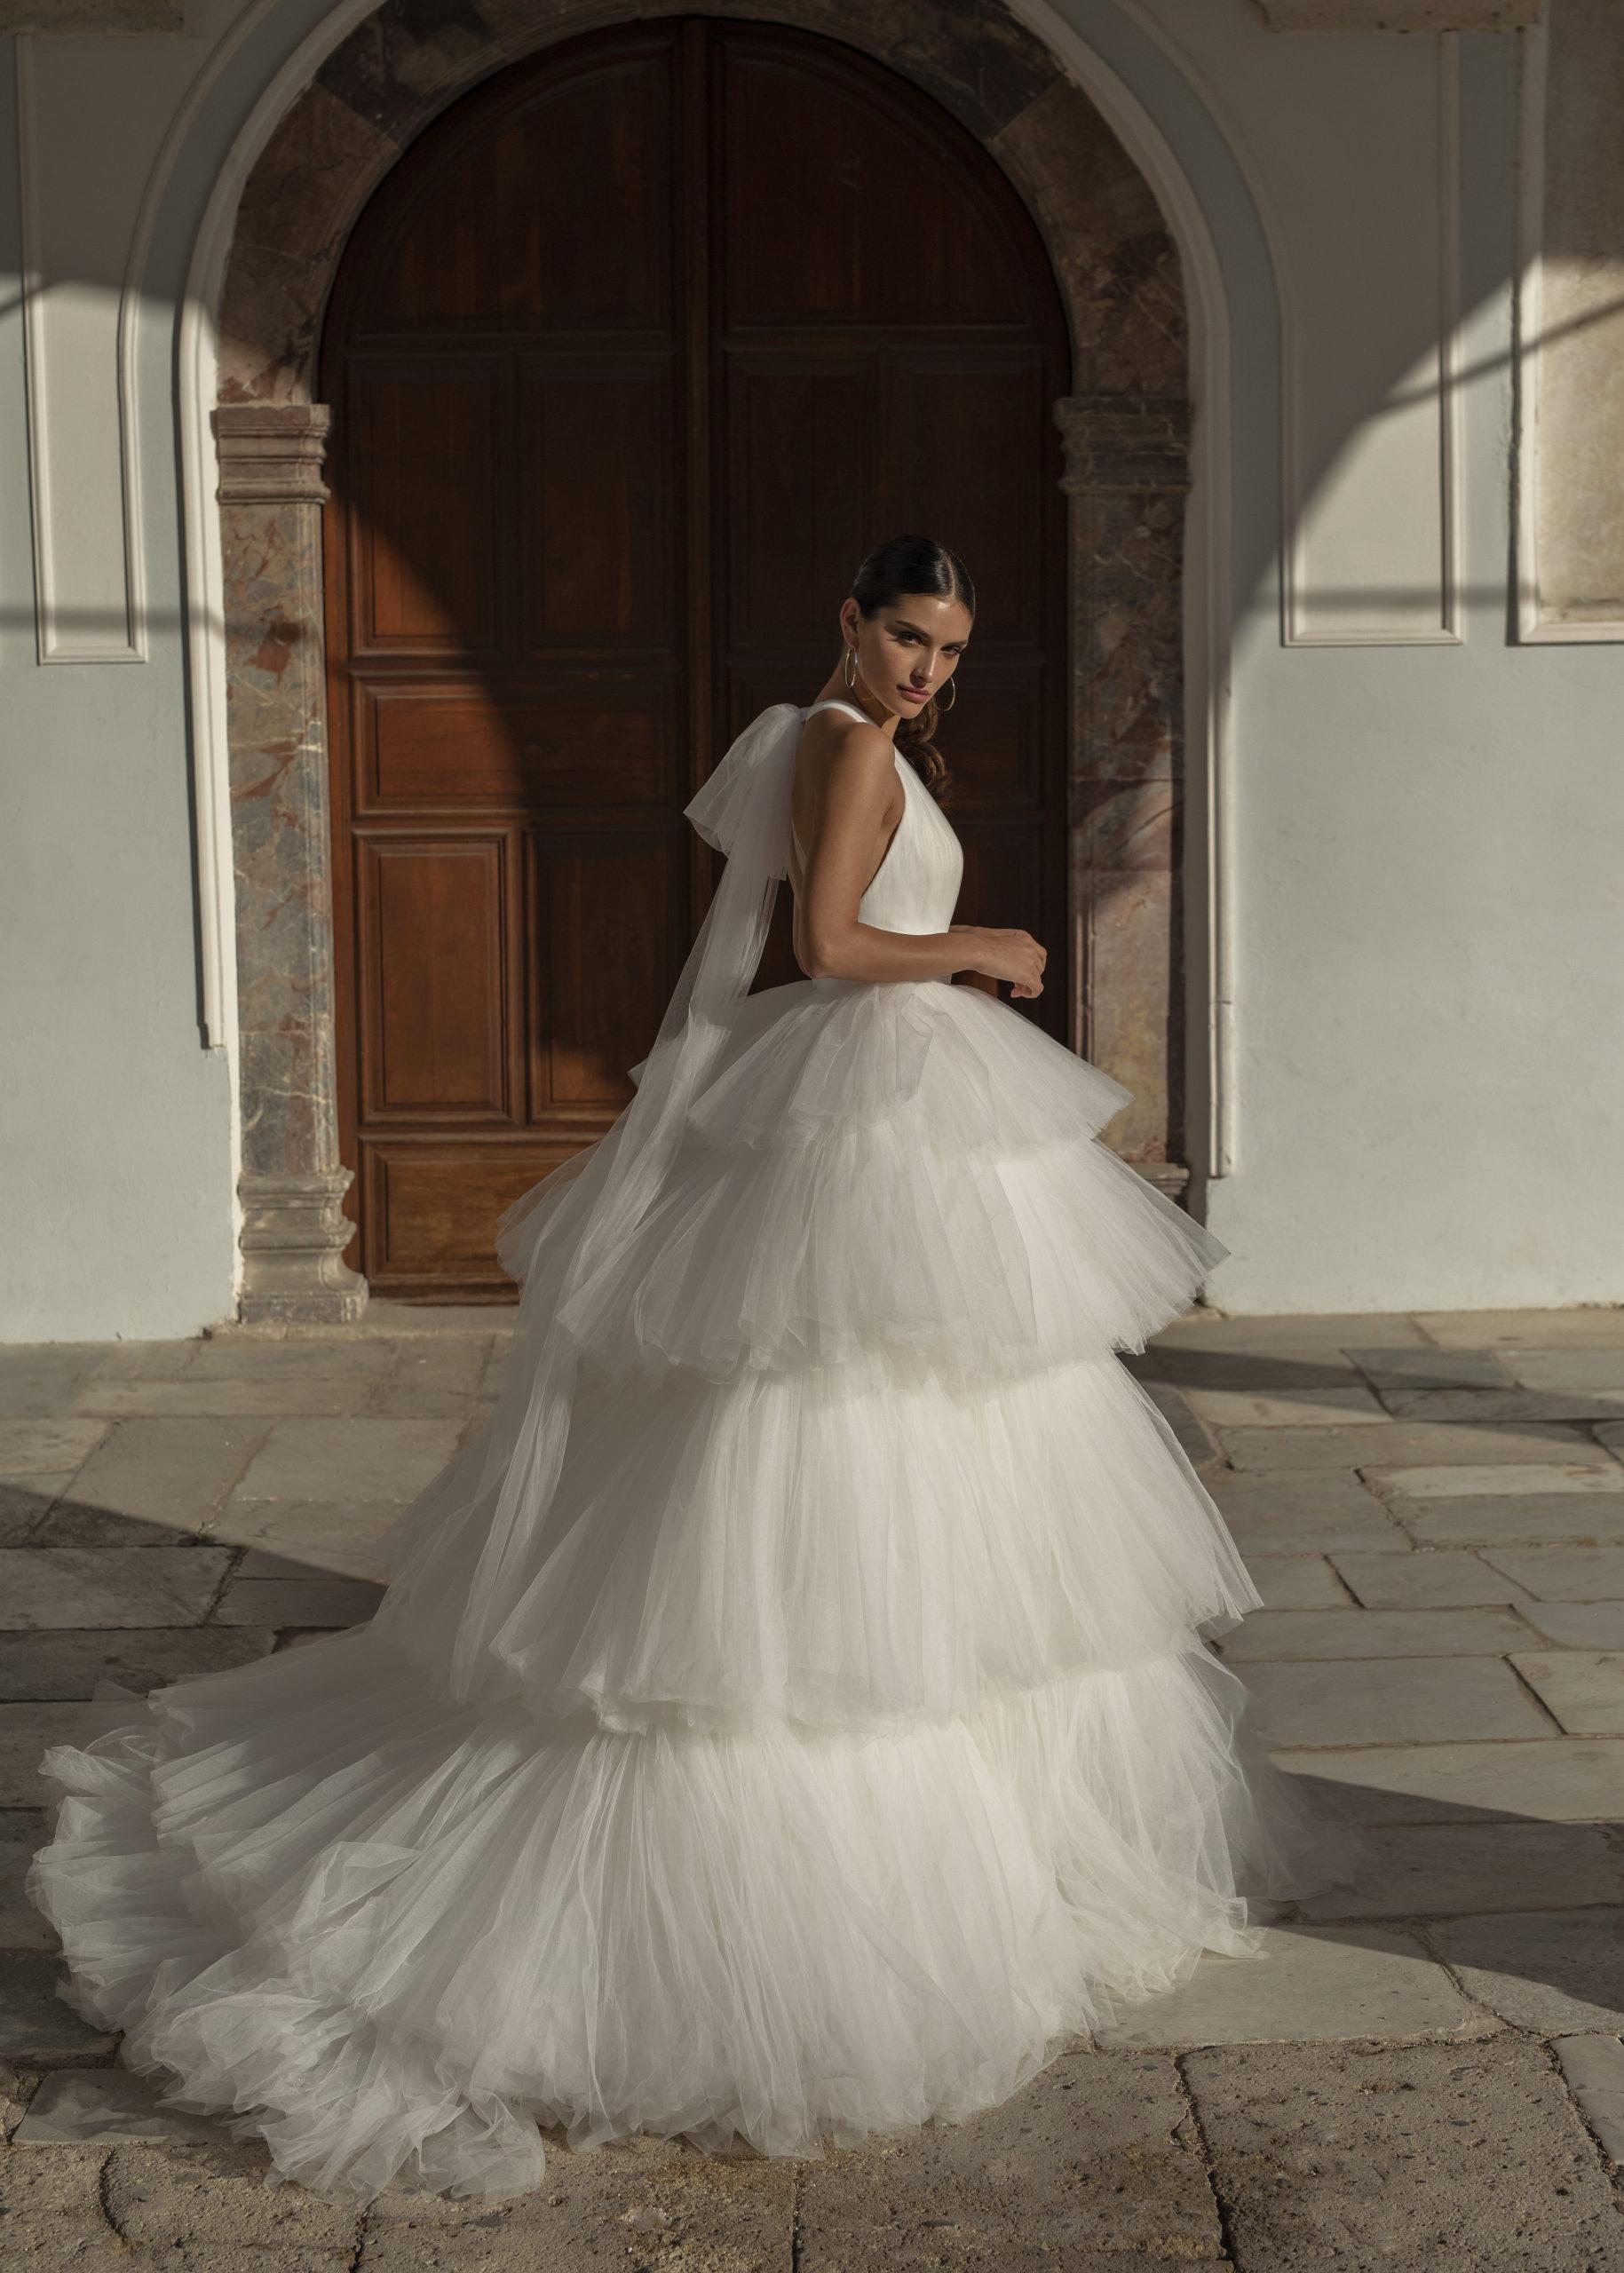 Robes nuptiales Genève Dominiss écru tulle princesse longue volume noeud yvoire décolleté